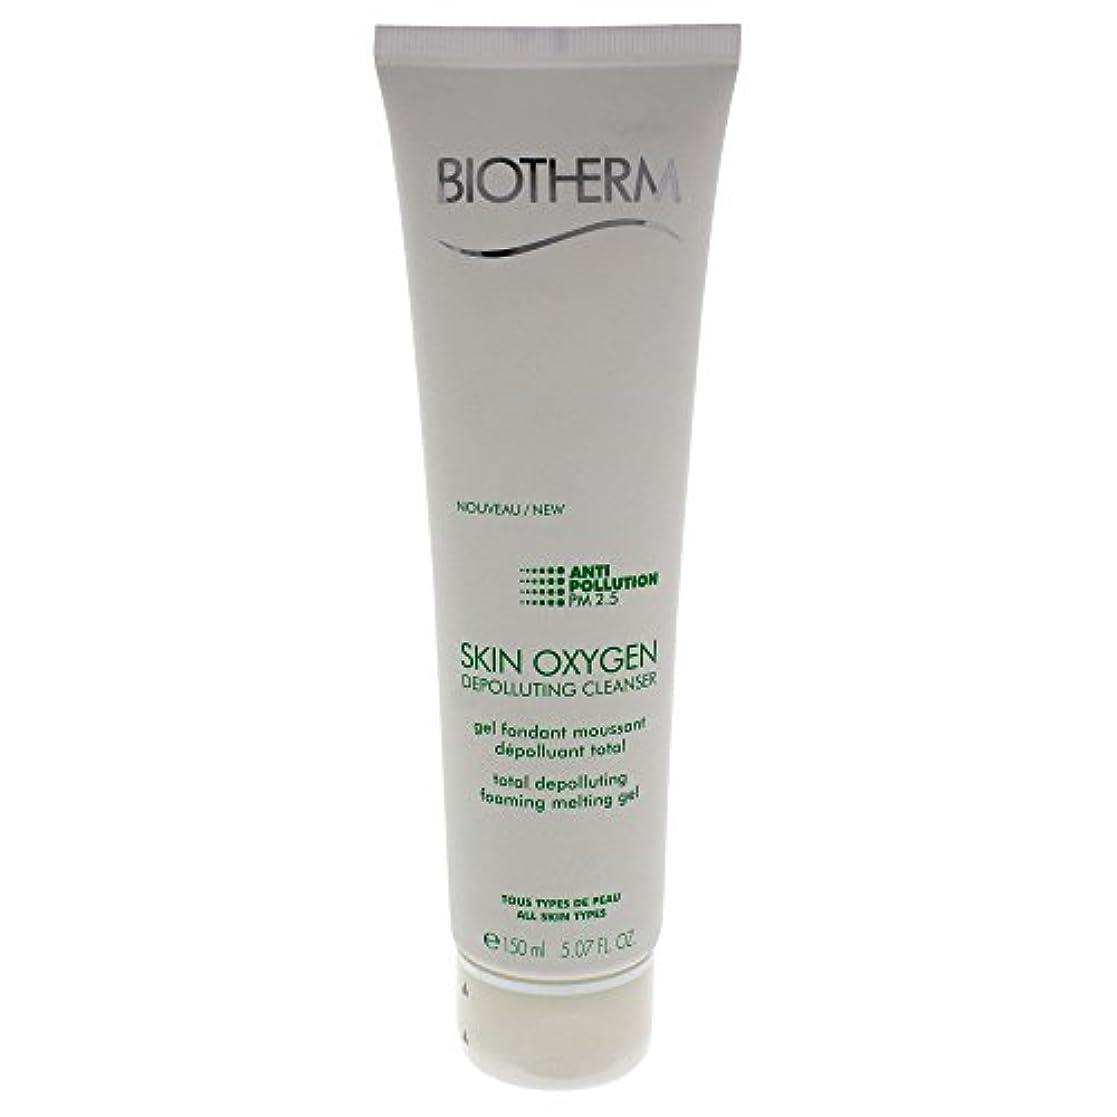 服を片付ける優越次ビオテルム Skin Oxygen Depolluting Cleanser 150ml/5.07oz並行輸入品